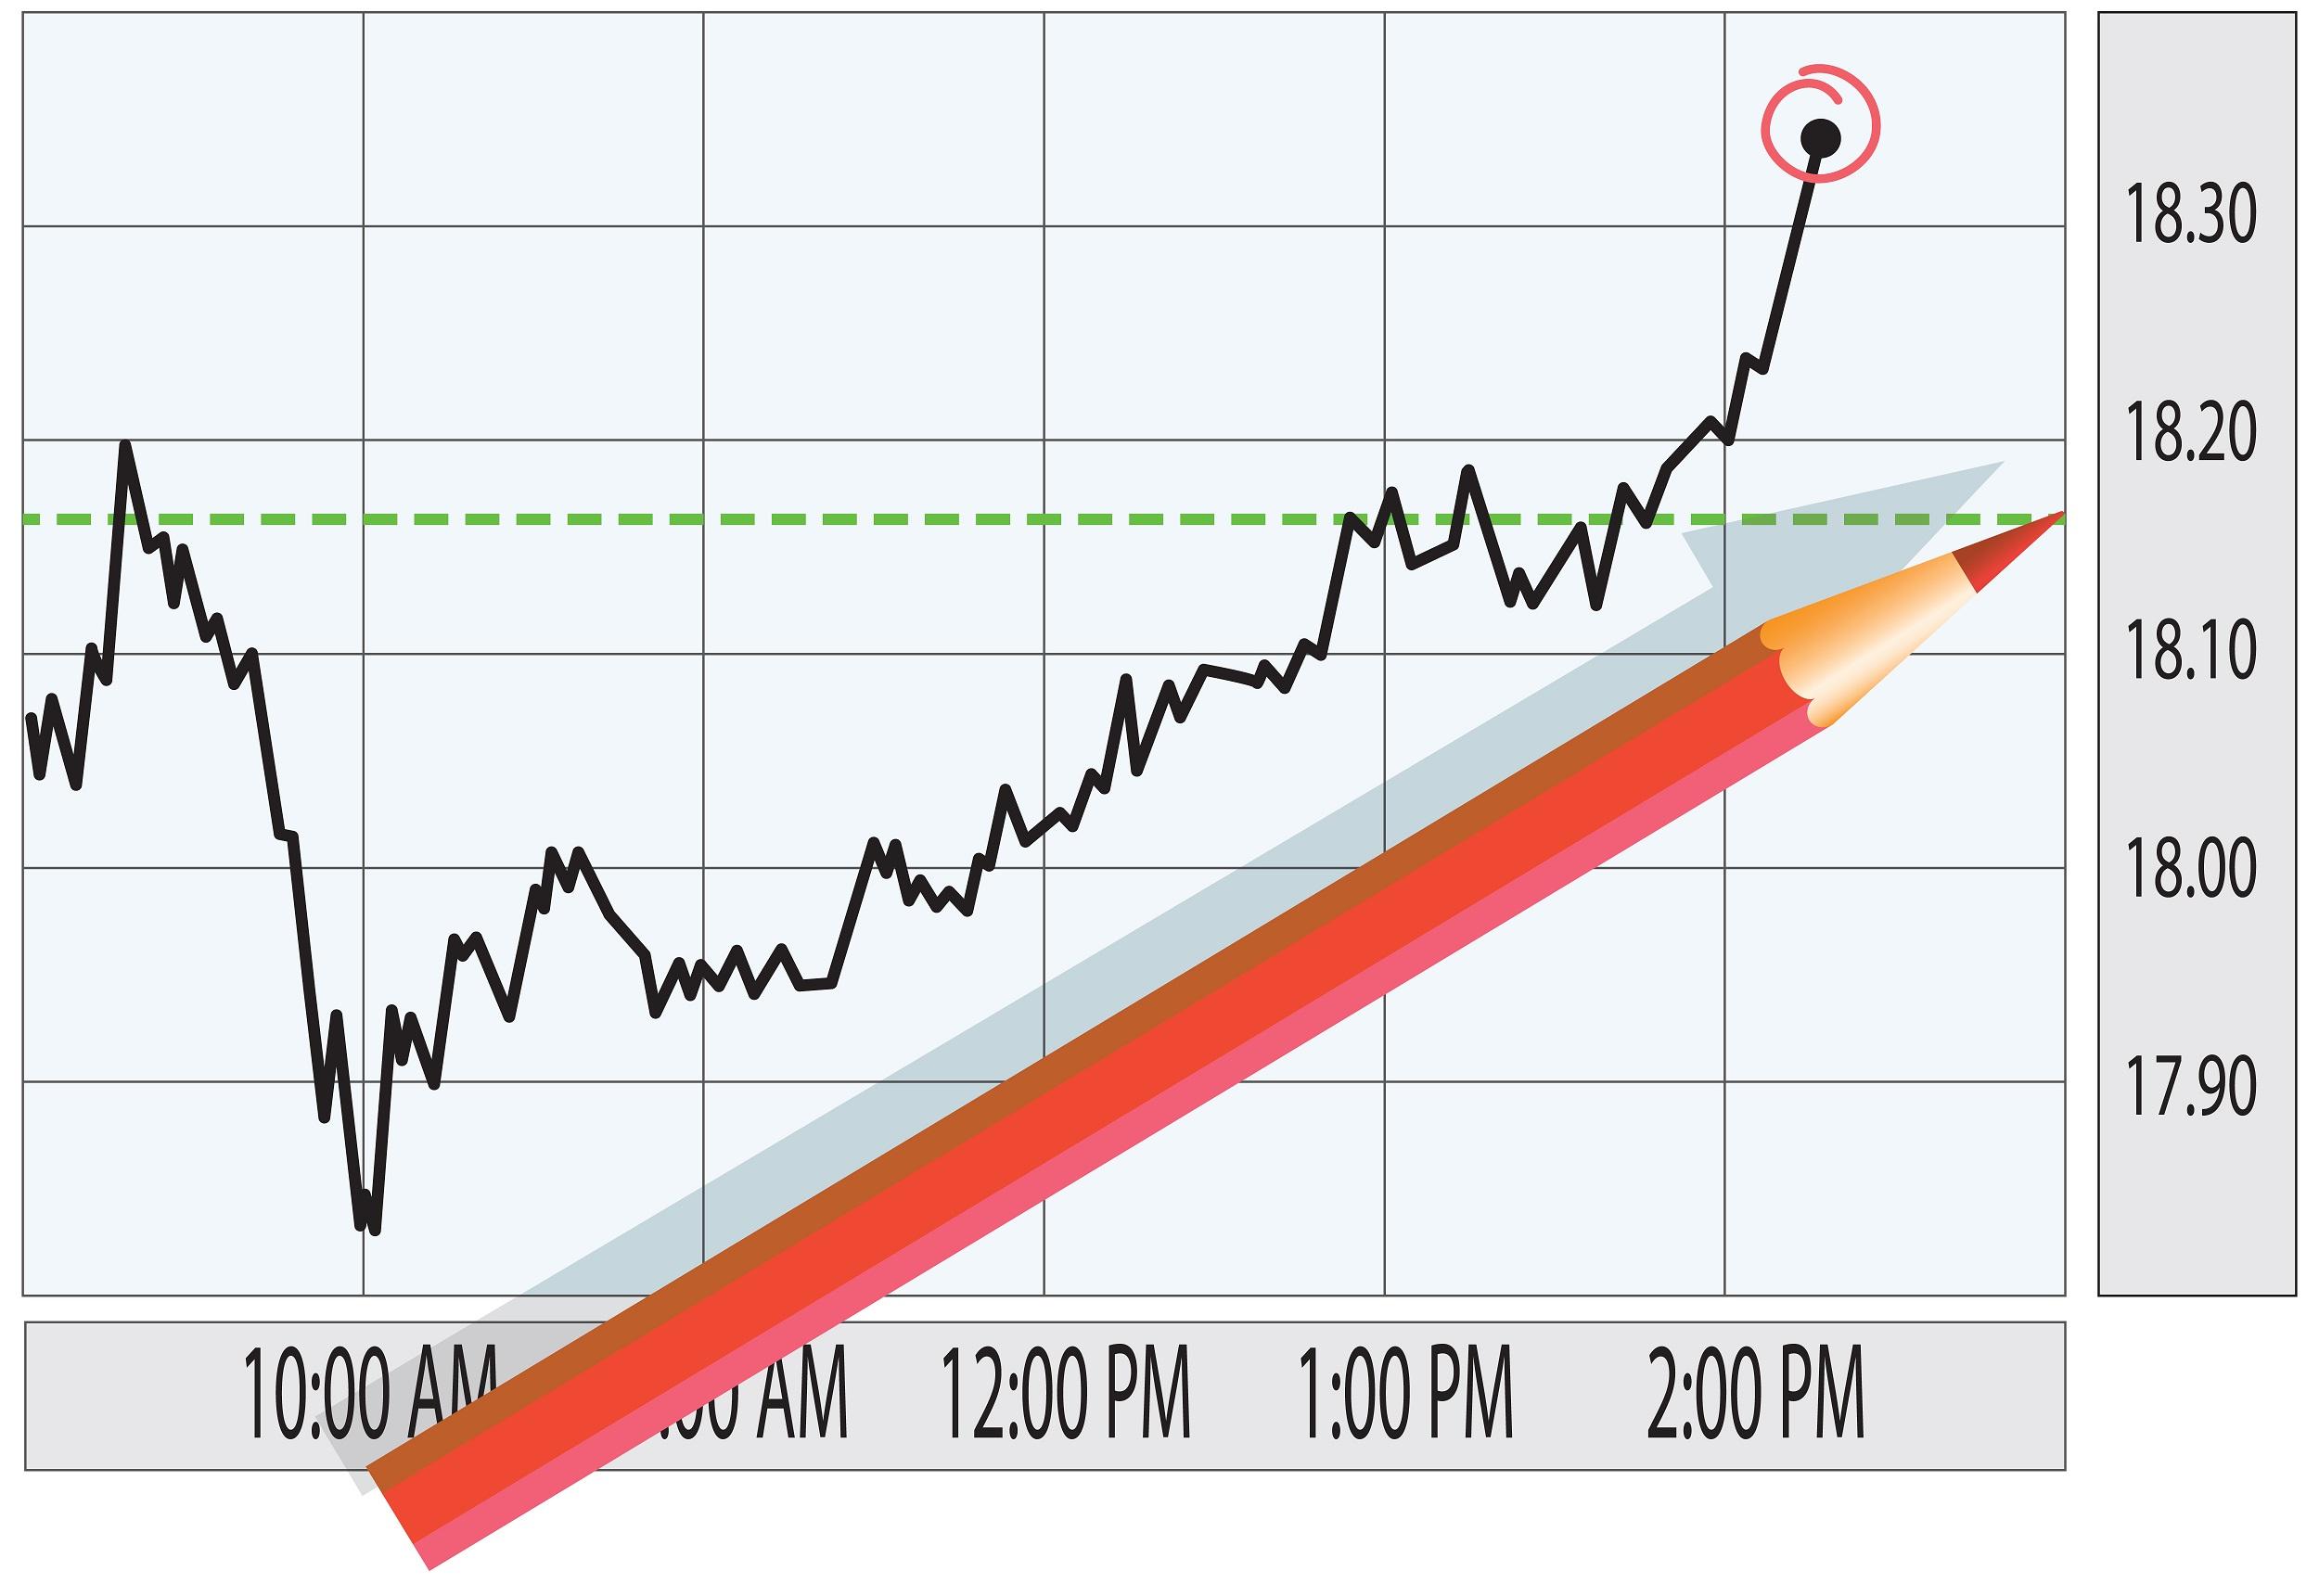 Die Markttechnik: Wie analysiert man Charts anhand der Markttechnik